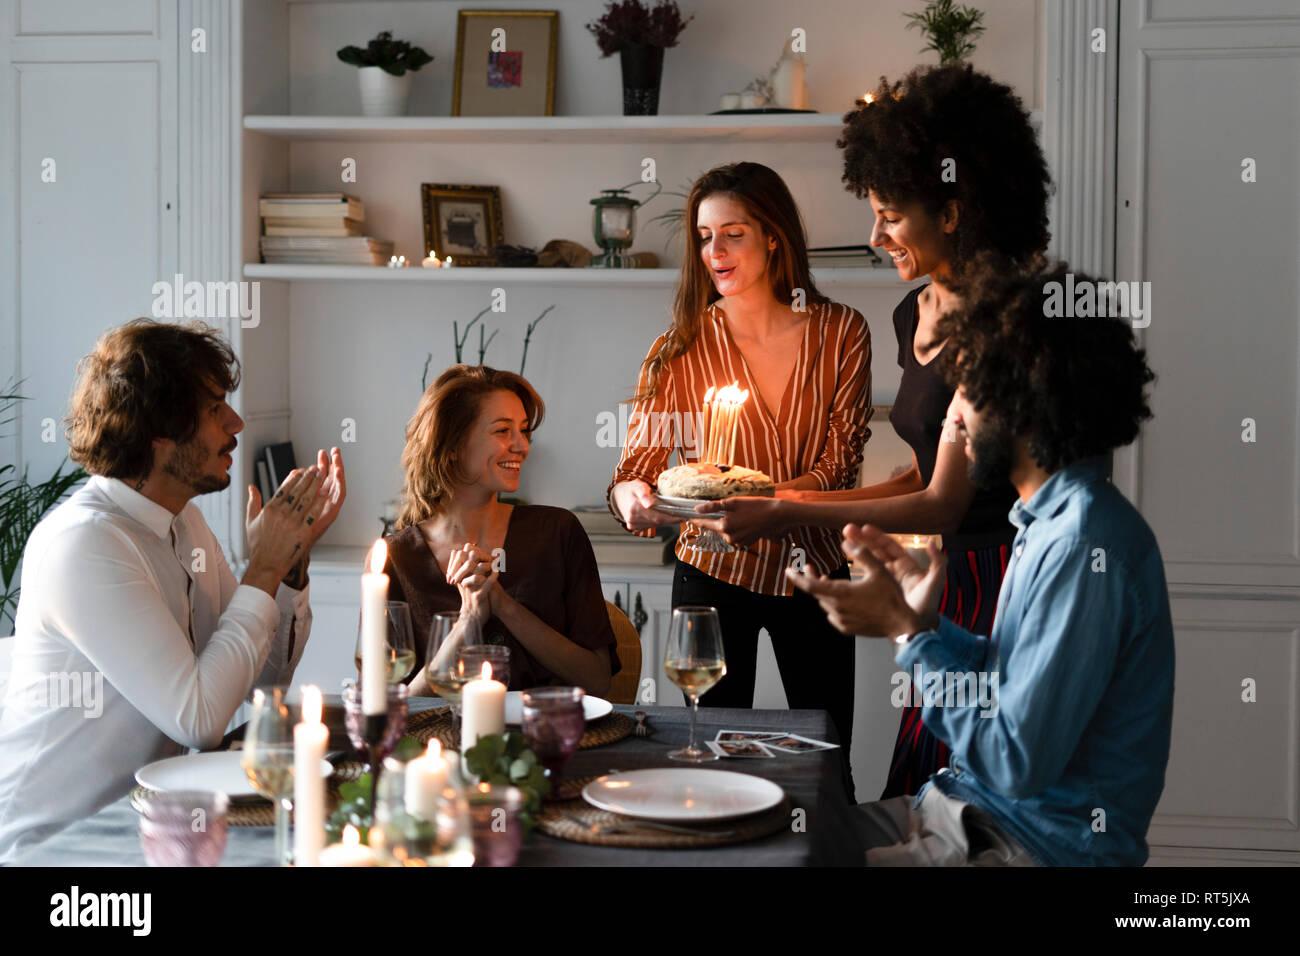 Amigos sorprendente joven con una tarta de cumpleaños con velas encendidas Imagen De Stock